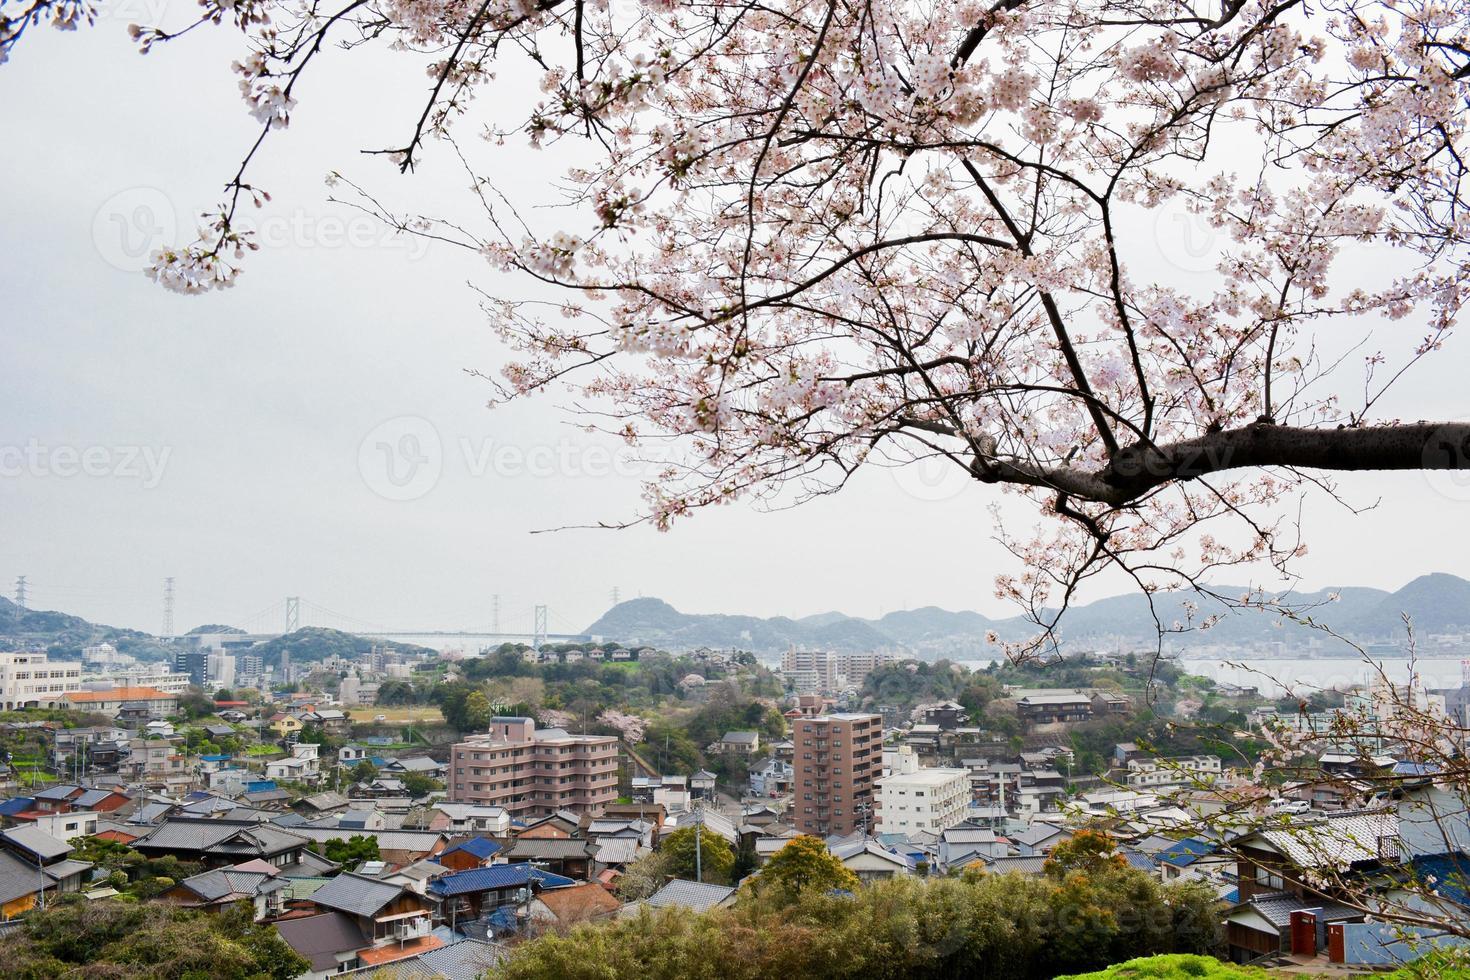 Sakura and Shimonoseki photo